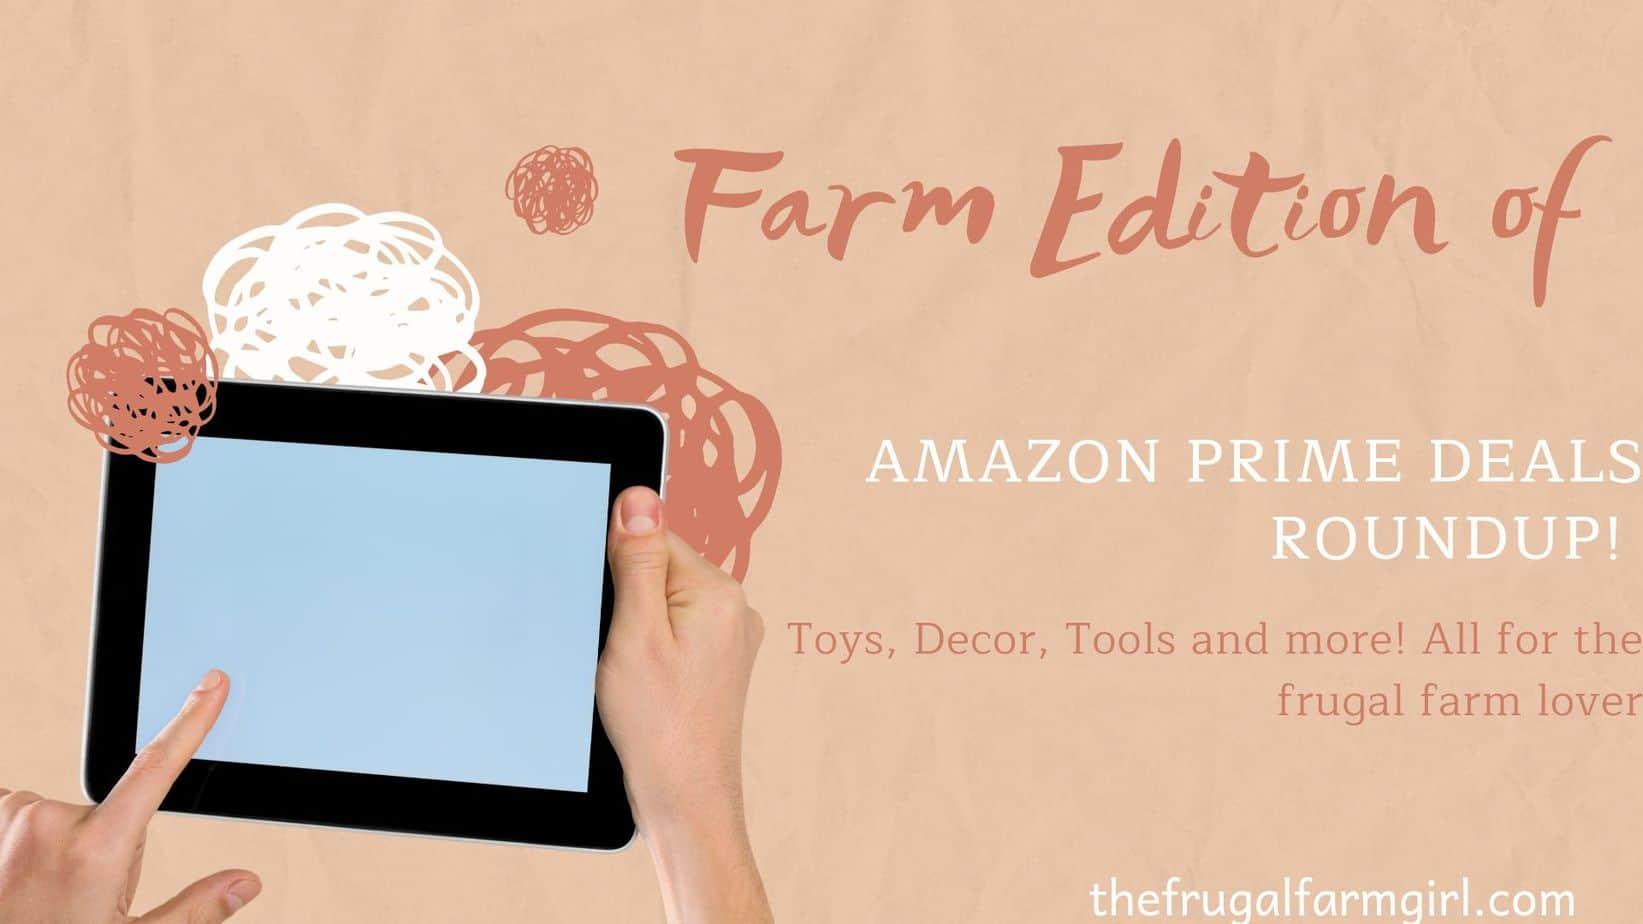 farm deals on amazon prime day